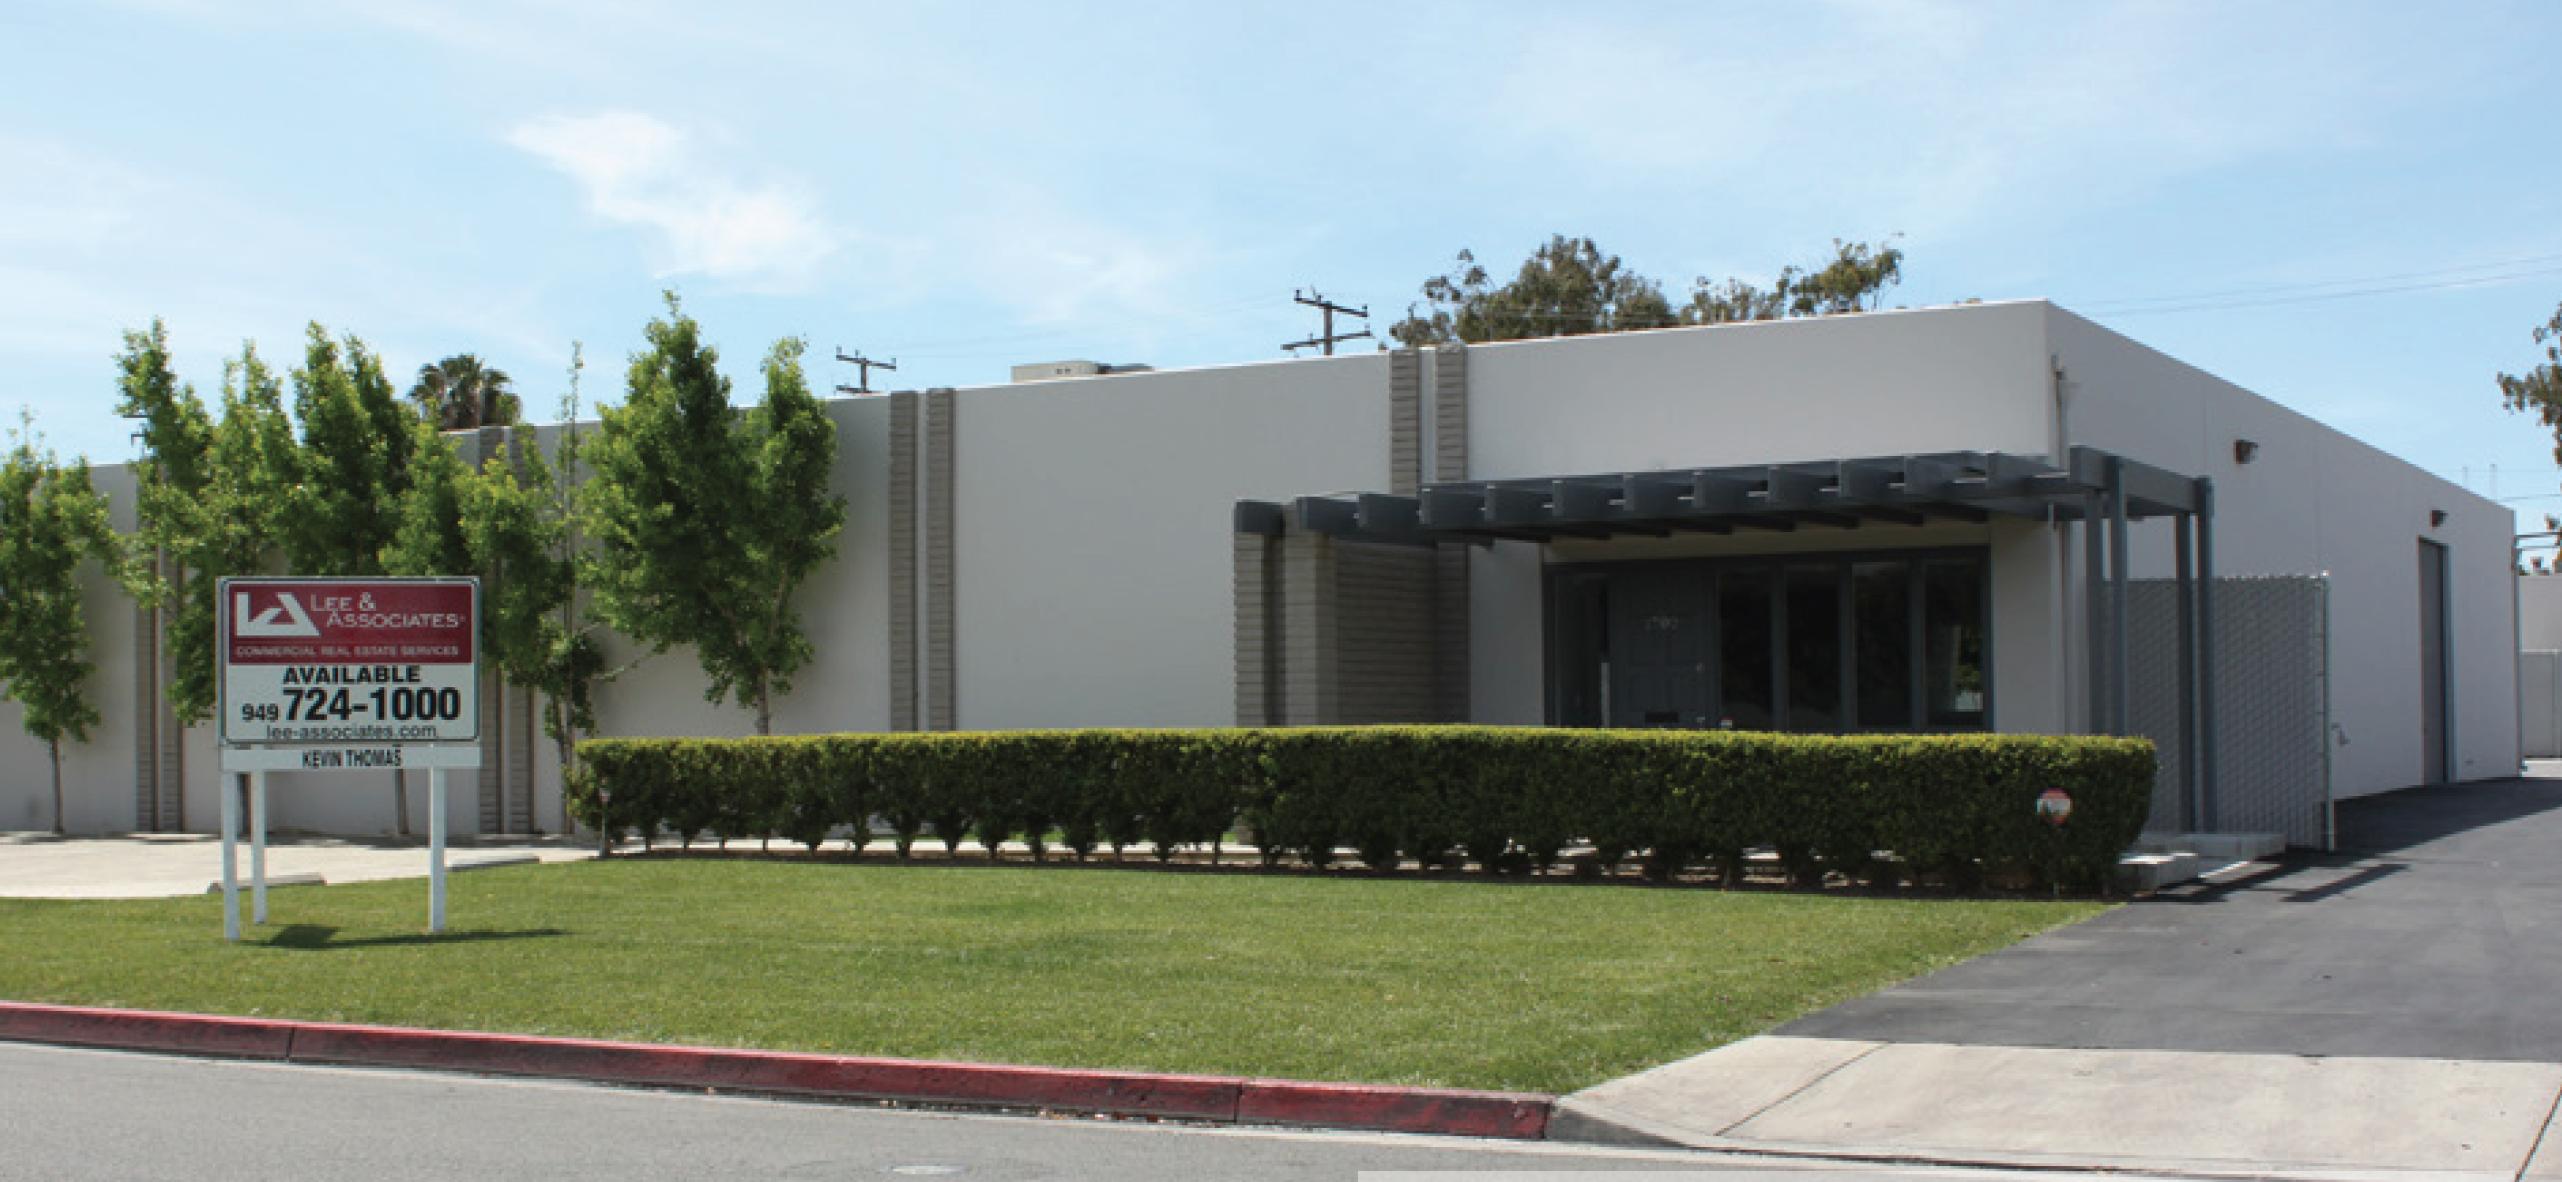 1702 Kaiser Ave, Irvine, CA 92614